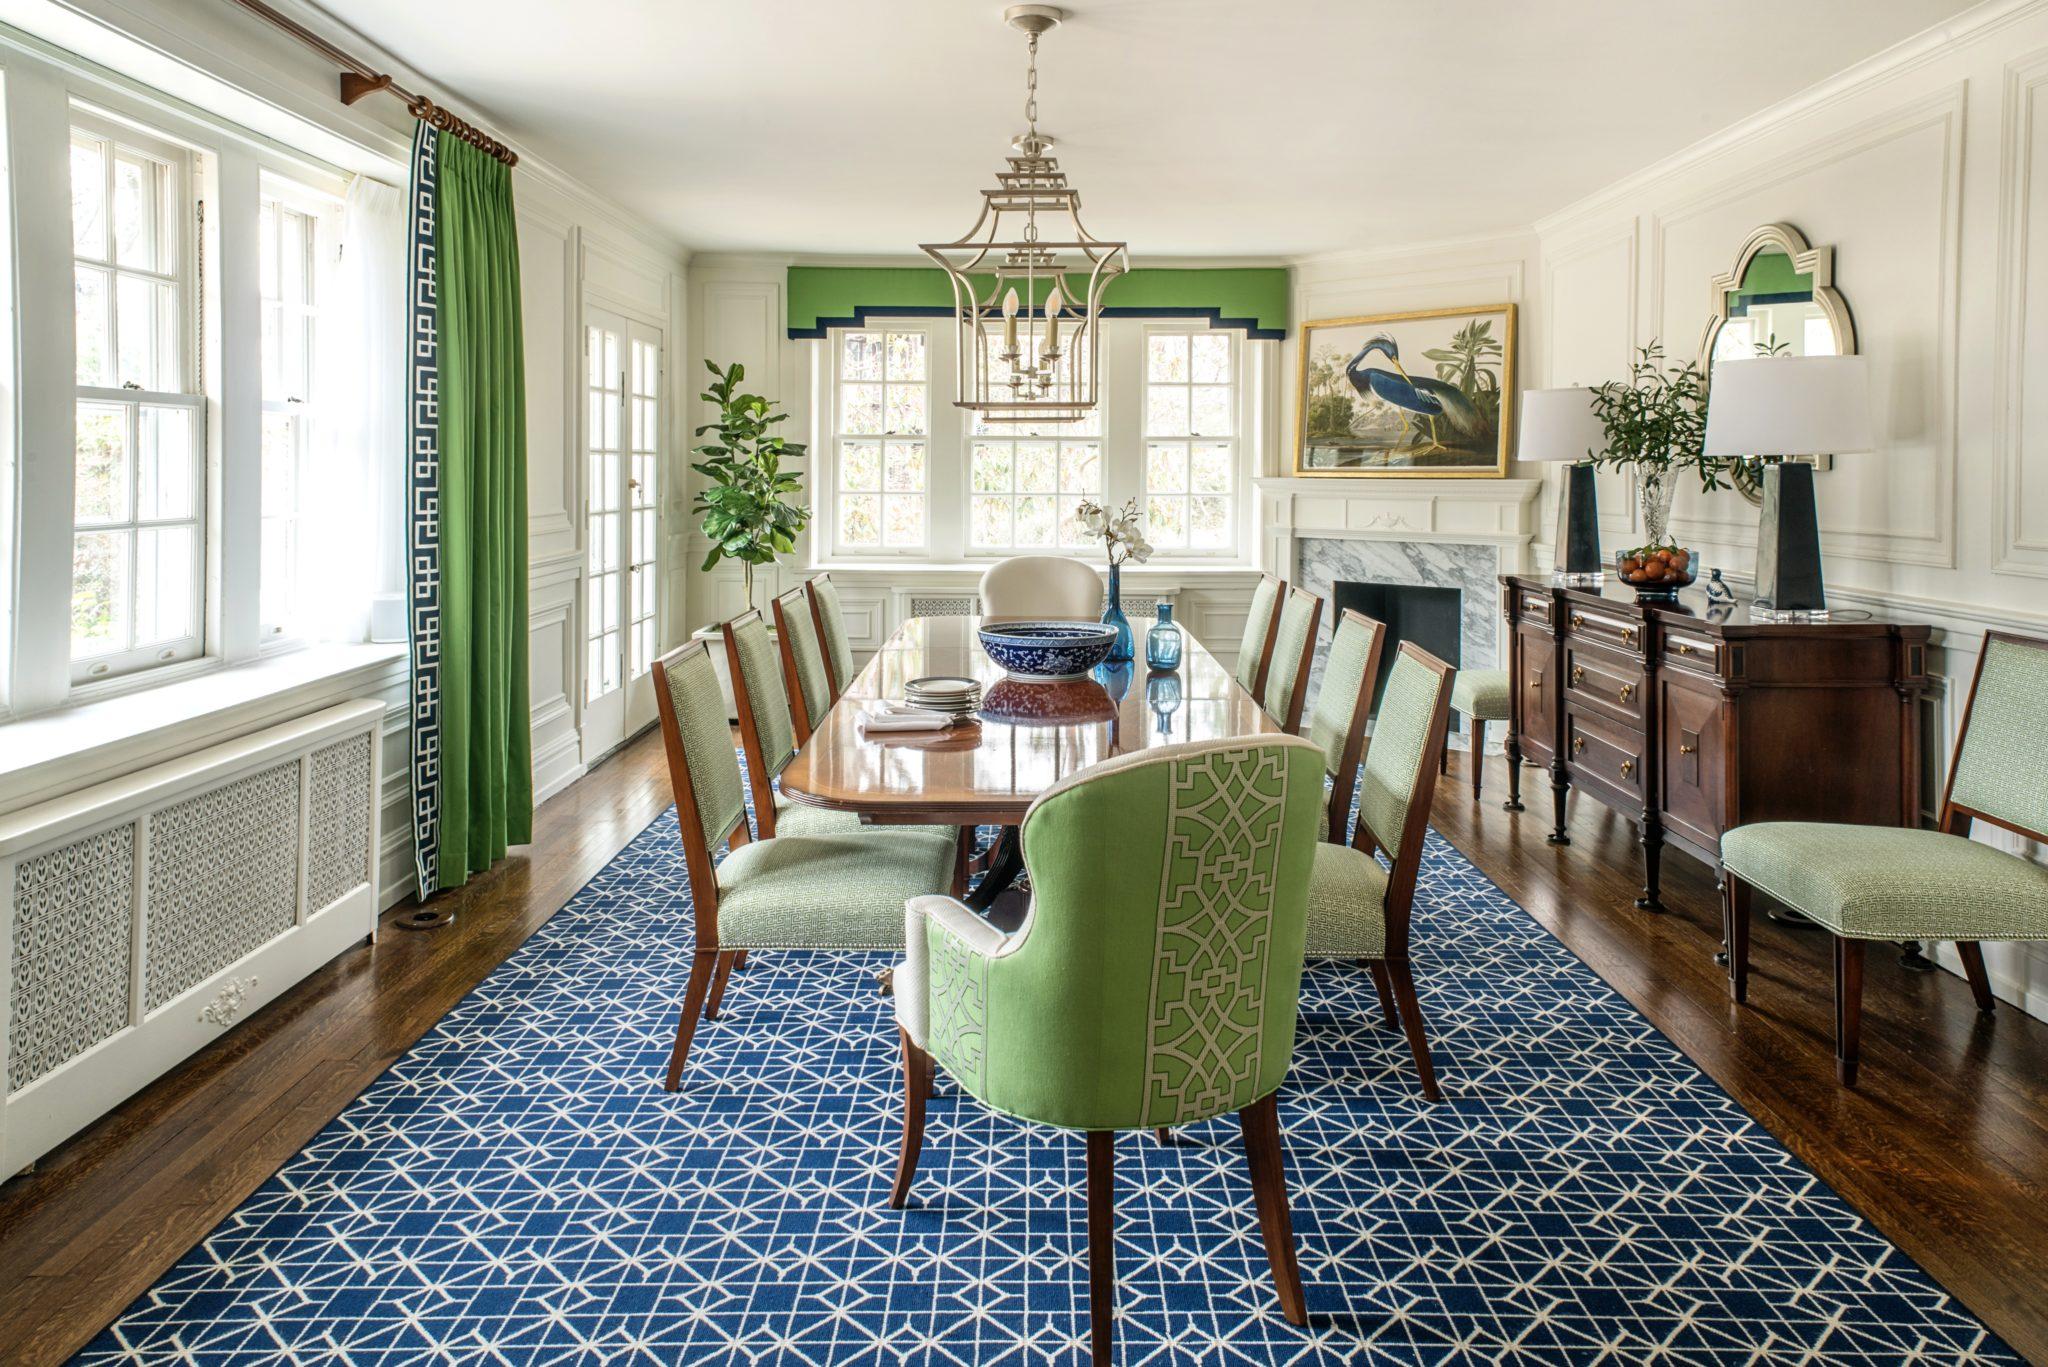 Mãn nhãn với những bộ thảm trải sàn mang họa tiết hình học - Ảnh 7.